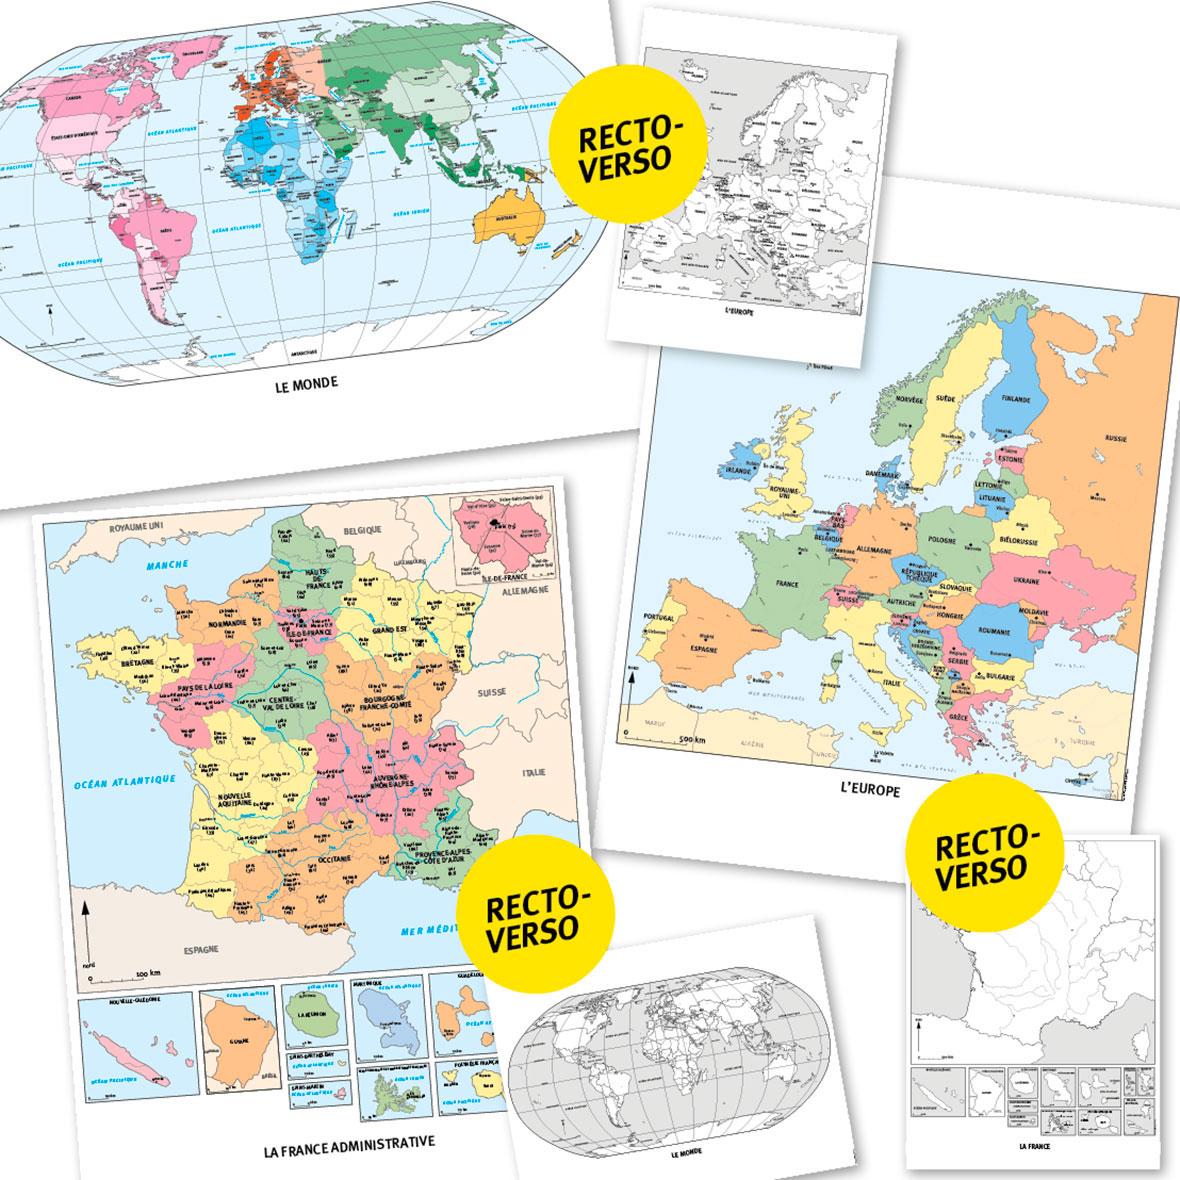 Aperçu des cartes disponibles dans l'outil complémentaire Lot de 6 cartes murales de géographie.